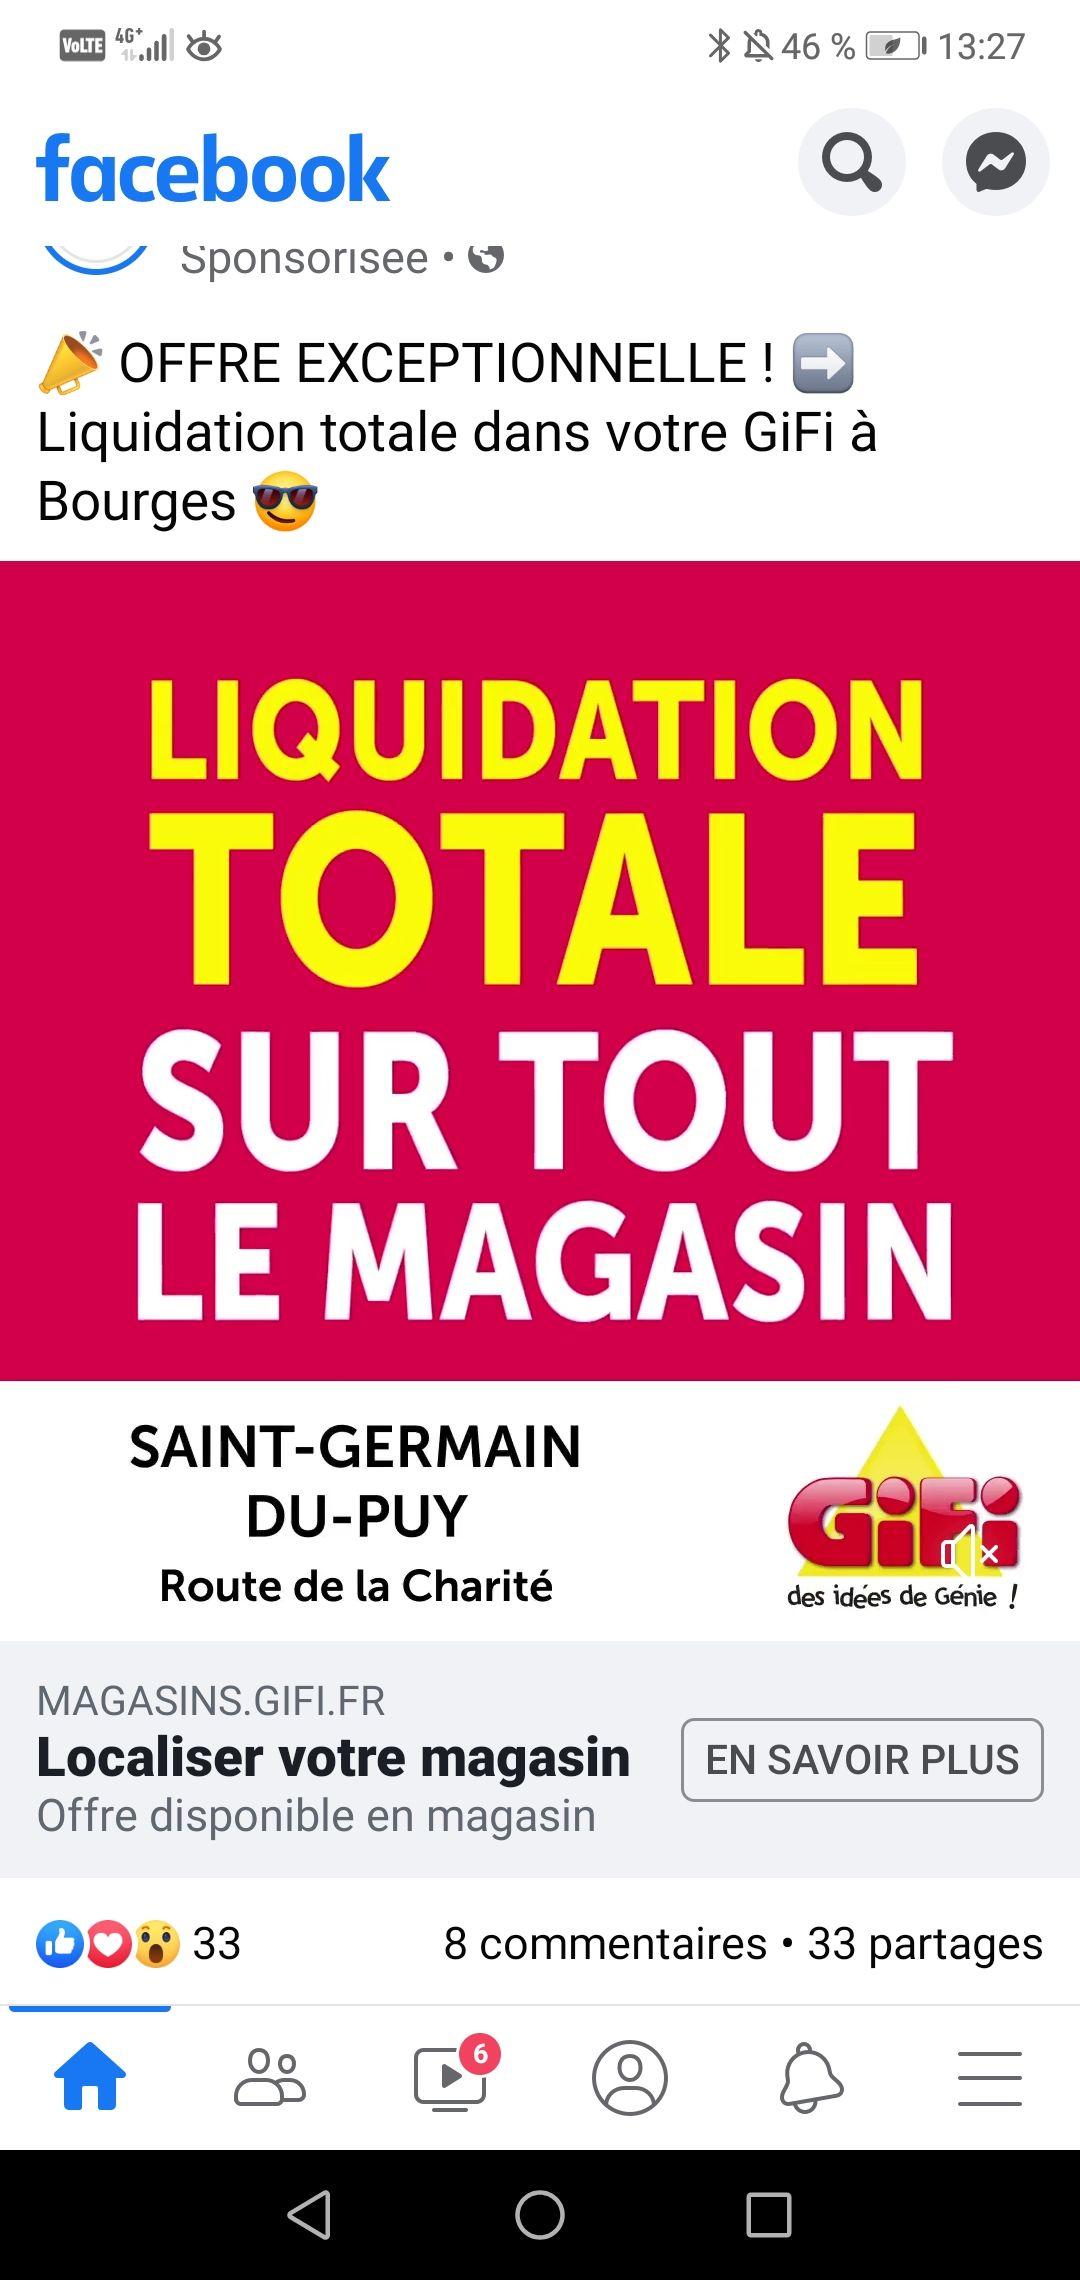 Liquidation totale sur tout le magasin - Saint-Germain-du-Puy (18)